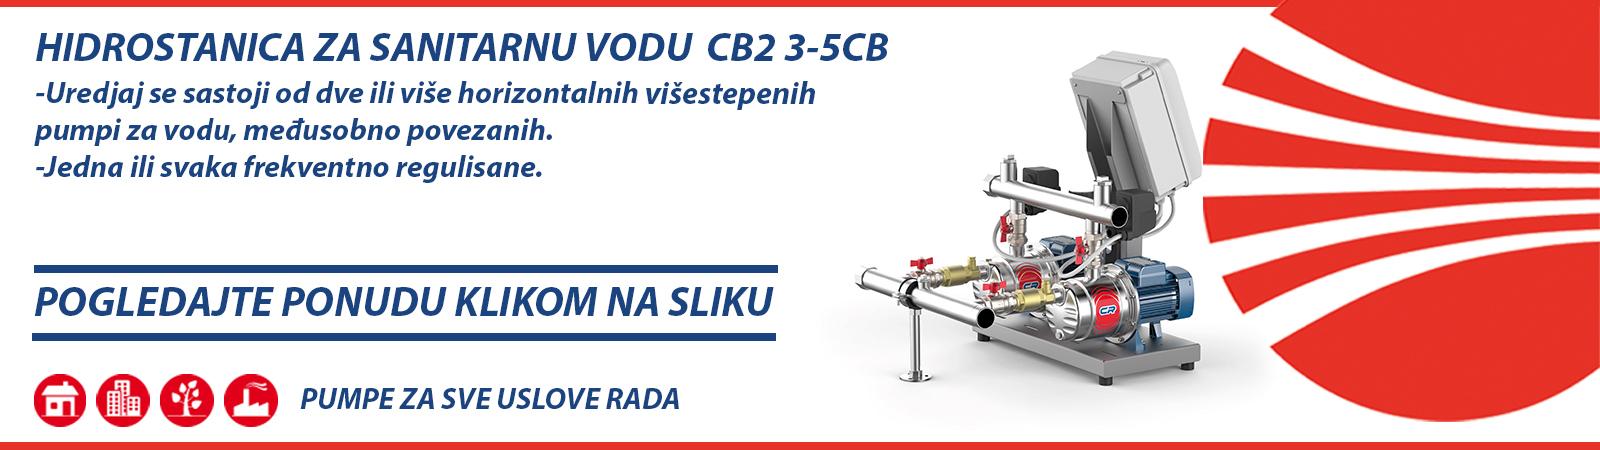 Hidrostanica za sanitarnu vodu CB2 3-5CB Pedrollo